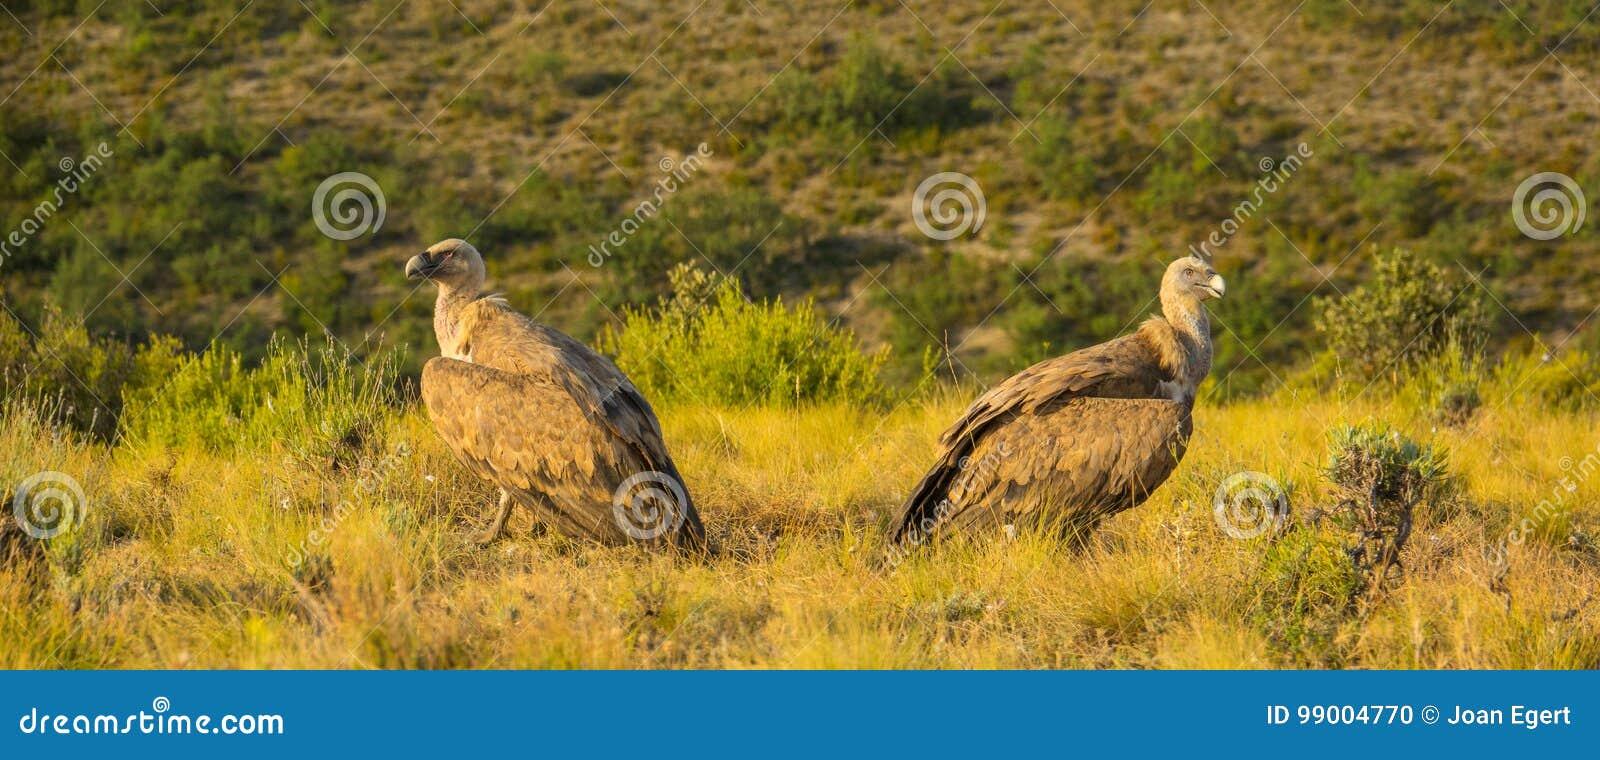 给他们的后面的两兀鹫